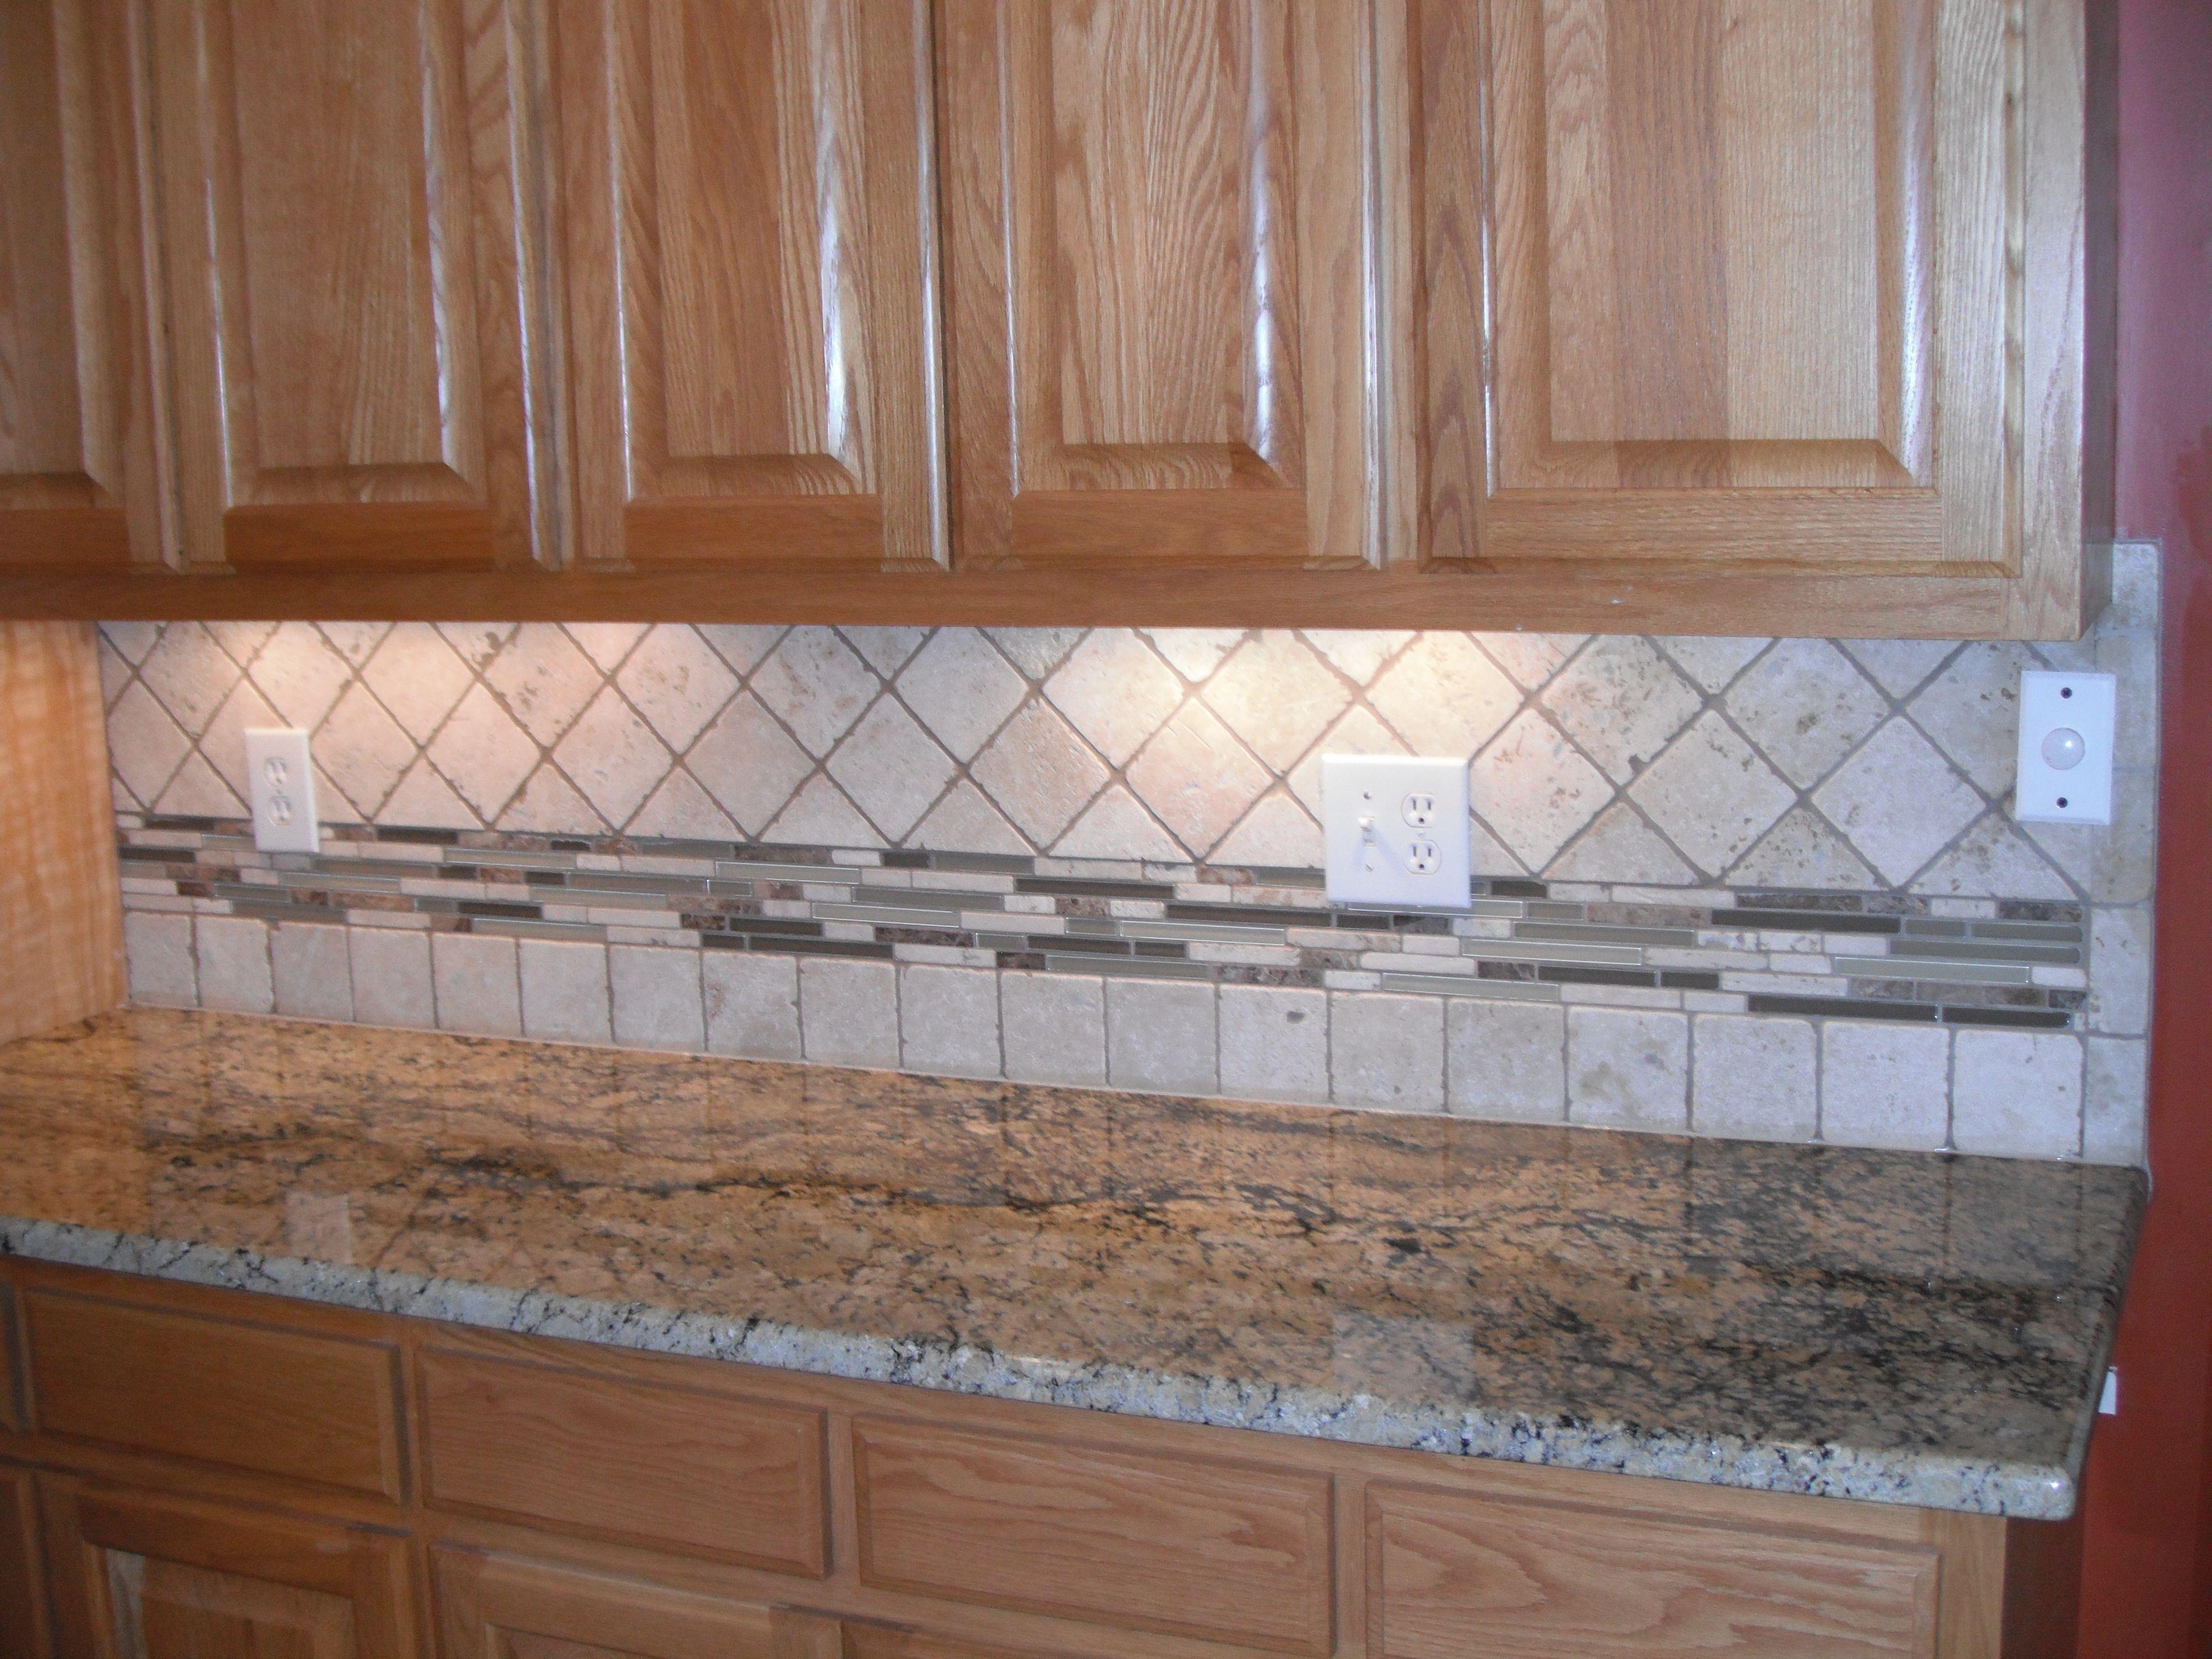 Backsplashes For Granite Countertops  Tile Backsplash  Granite Countertops Charlotte NC  For